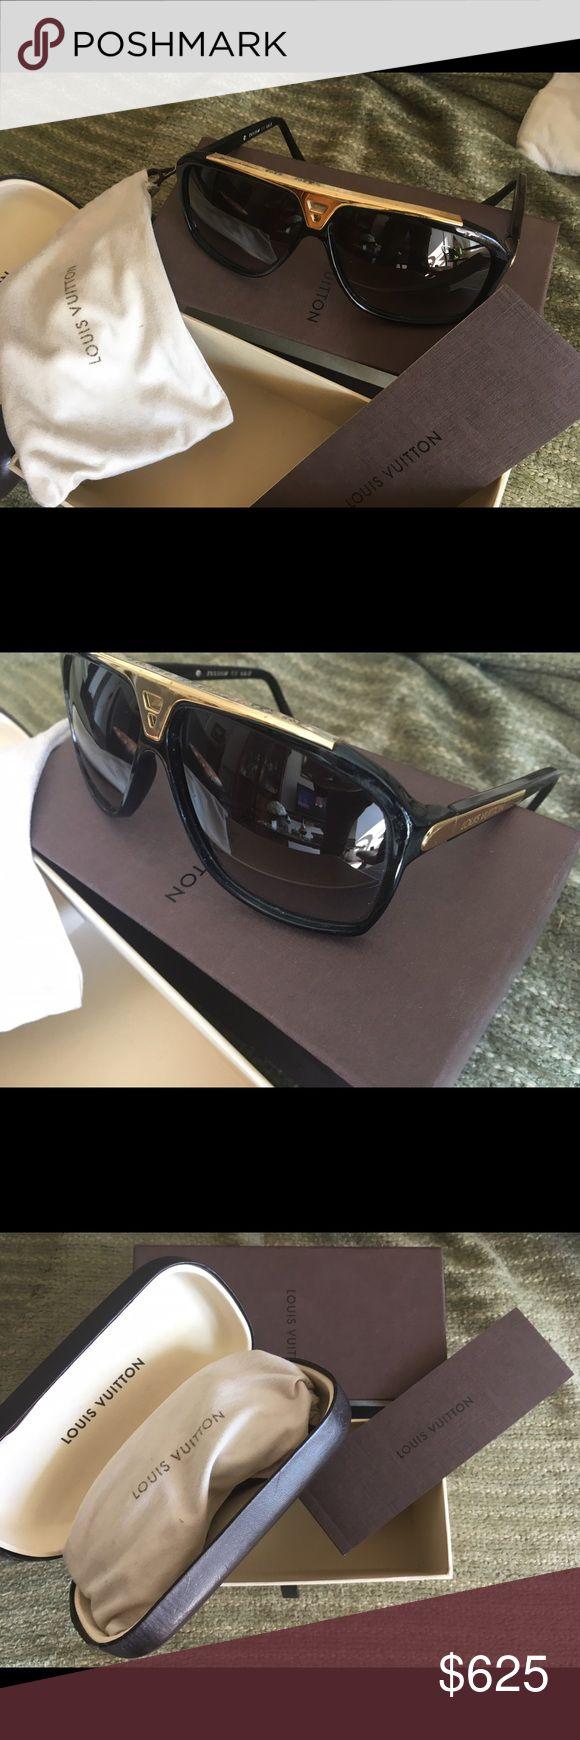 Louis Vouitton Sunglasses Designer UNISEX Sunglasses used once. Louis Vuitton Accessories Sunglasses